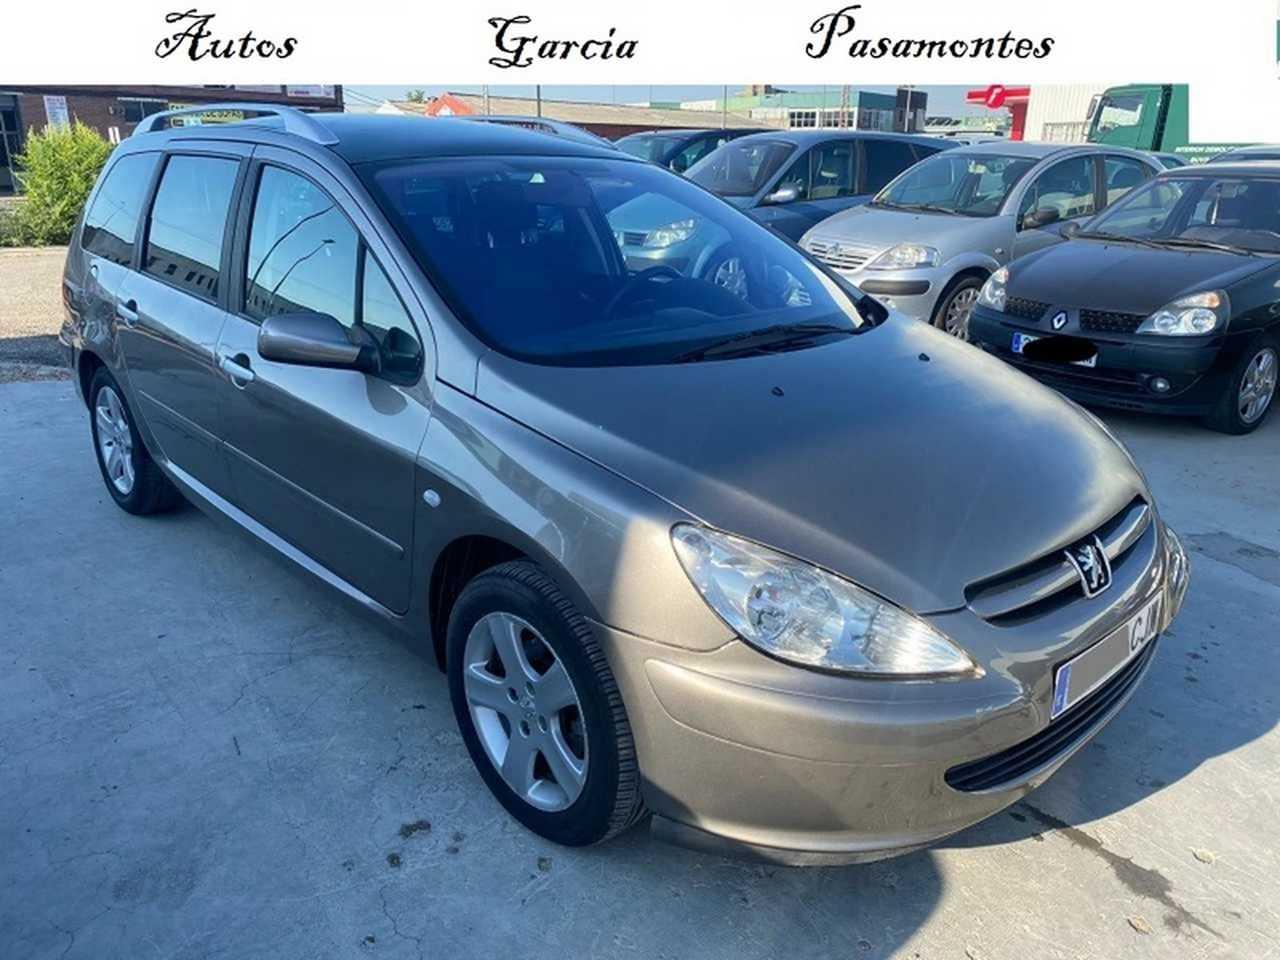 Peugeot 307 SW 2.0 HDI PK 110 CV 1 AÑO DE GARANTIA  - Foto 1